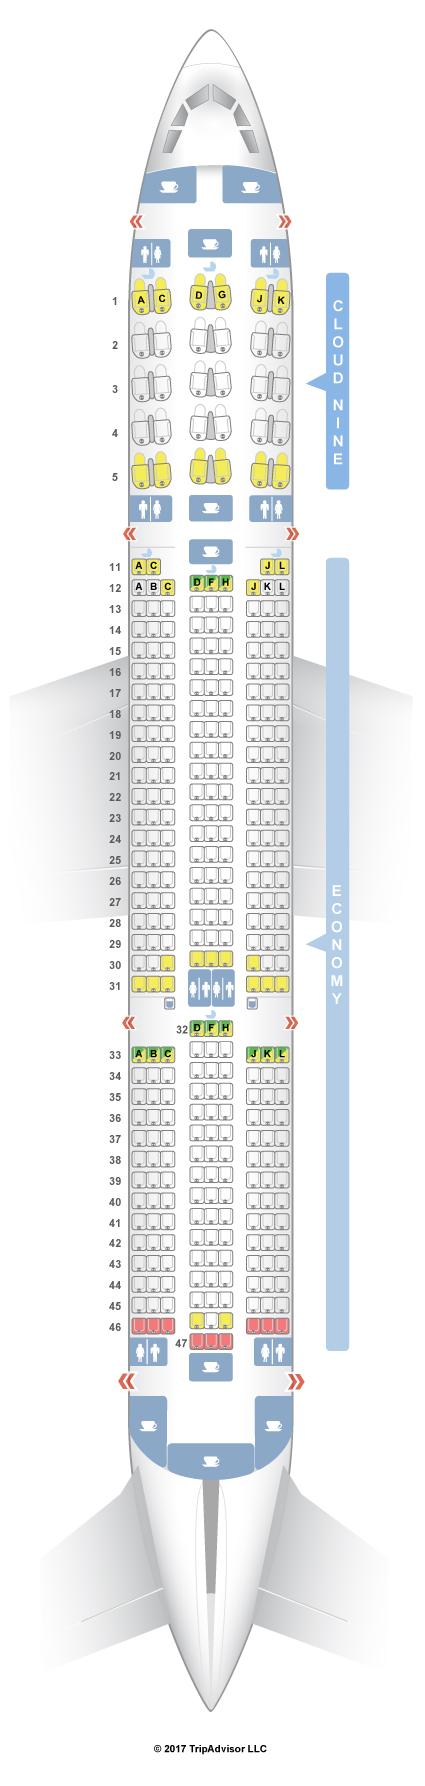 Seatguru Seat Map Ethiopian Airlines Airbus A350 900 350